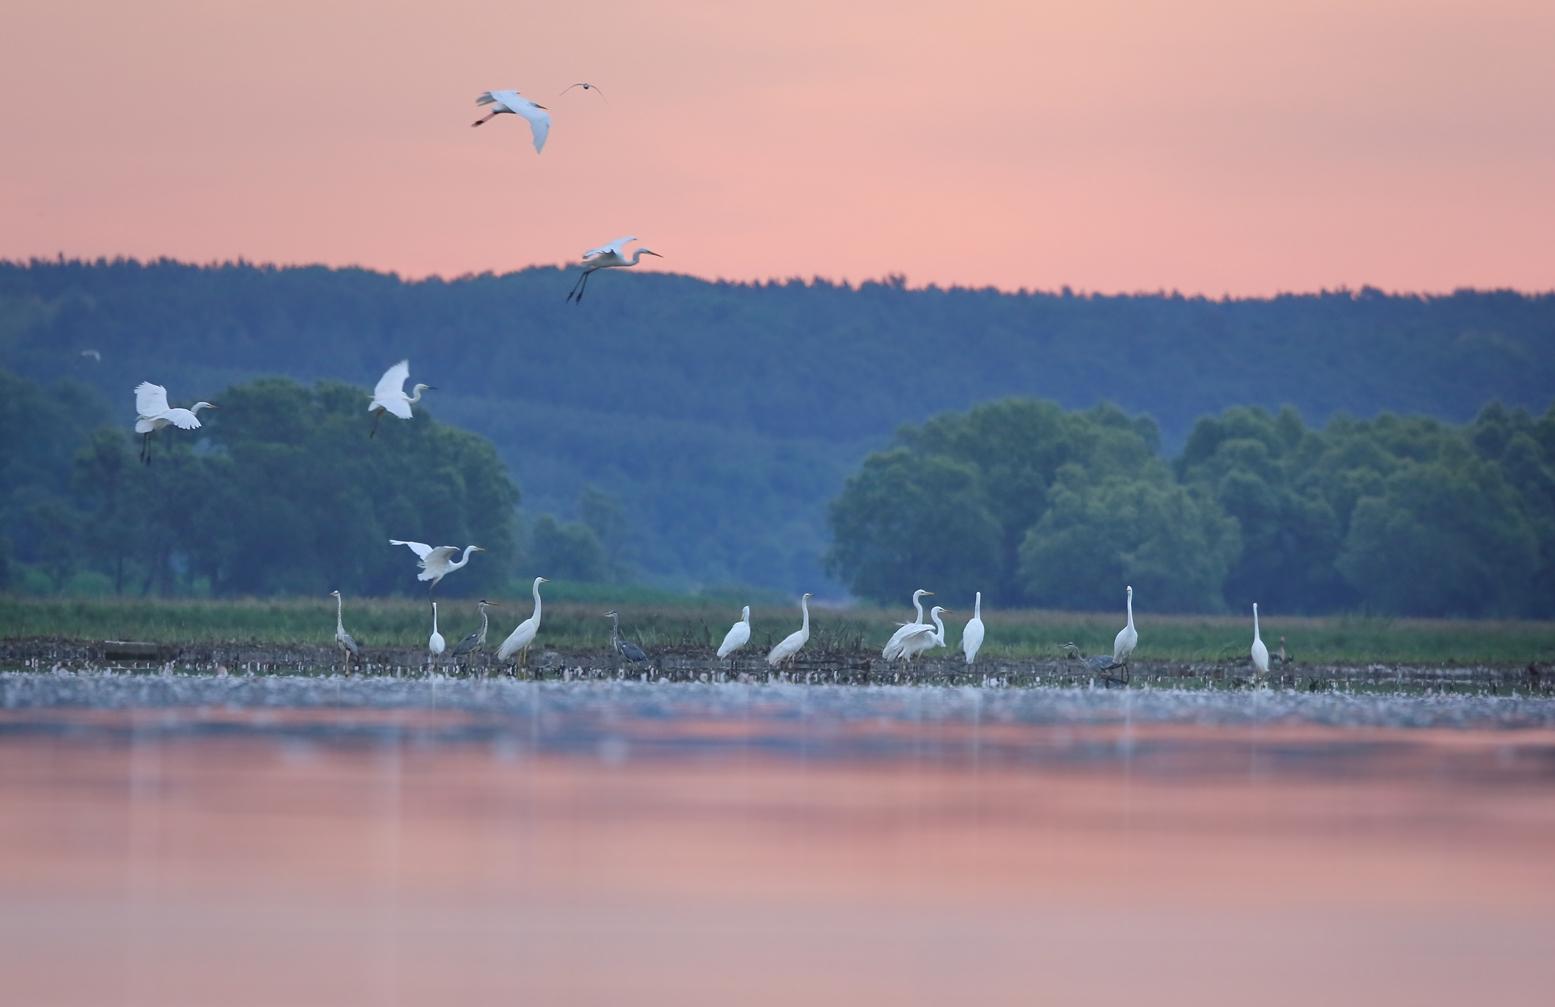 Świt nad łowiskiem czapli białych, fot Cezary Kipigroch